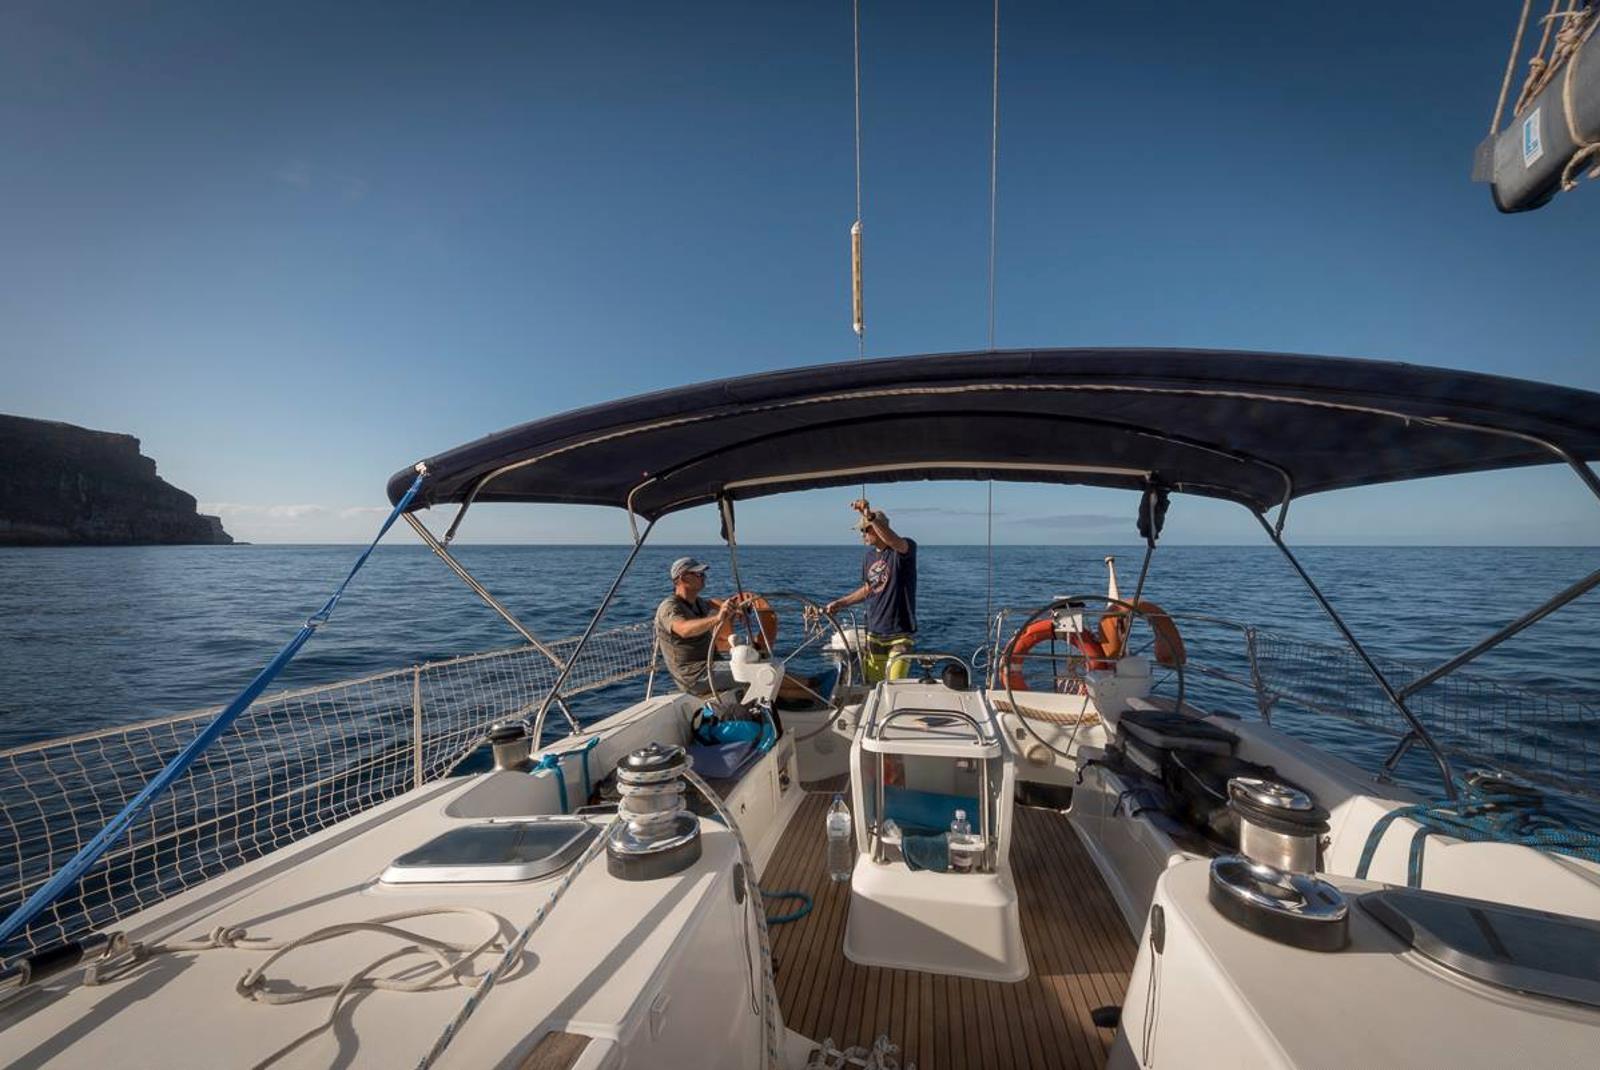 Sailing-Boat-Trip-from-Puerto-de-Mogan-4